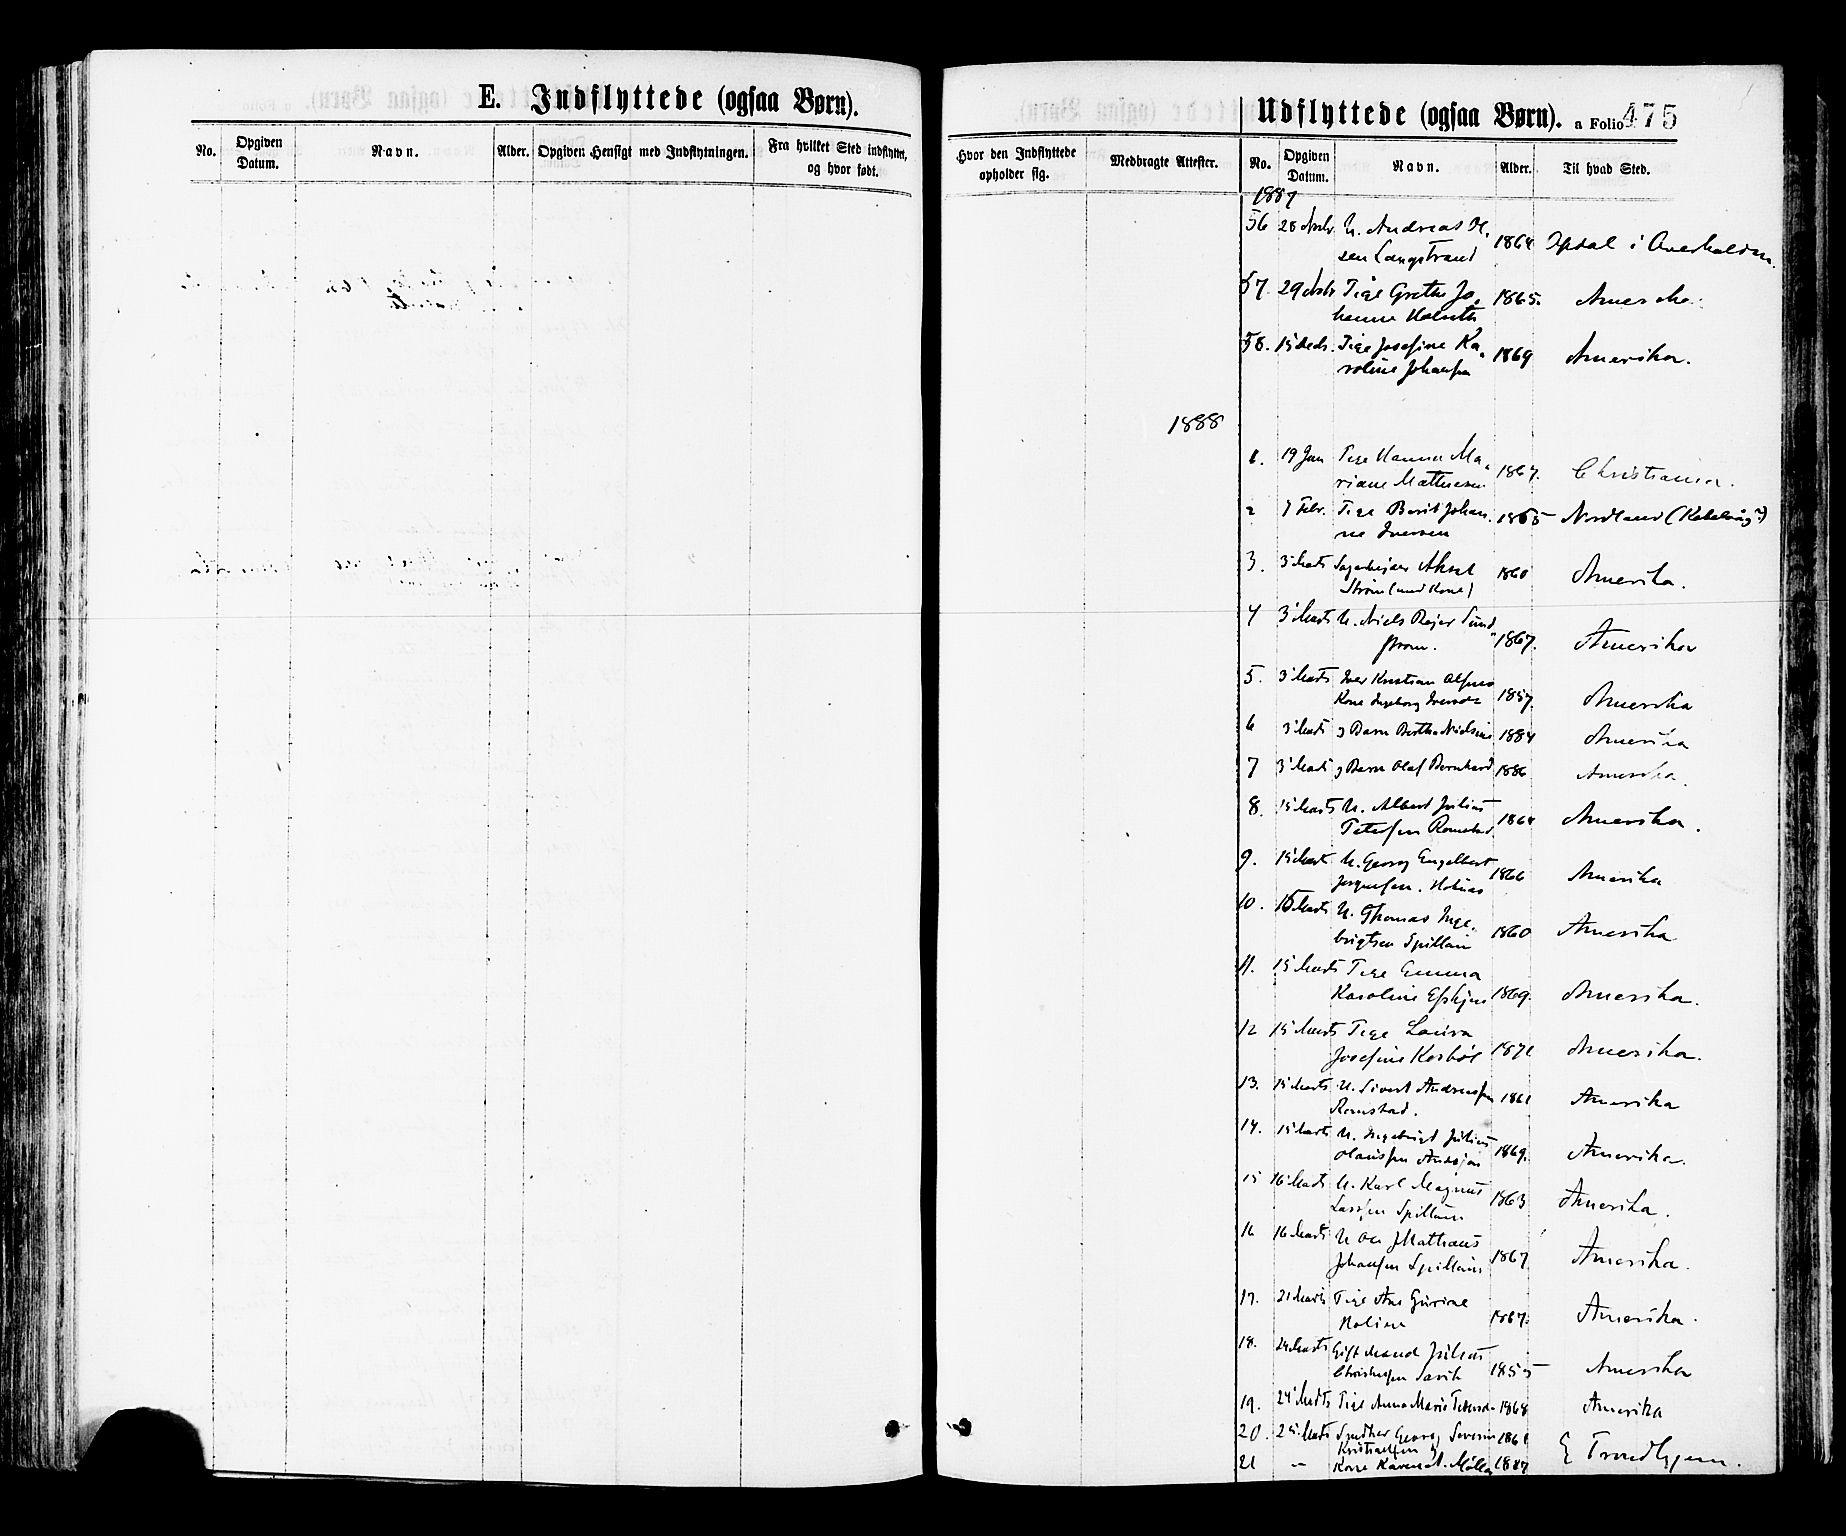 SAT, Ministerialprotokoller, klokkerbøker og fødselsregistre - Nord-Trøndelag, 768/L0572: Ministerialbok nr. 768A07, 1874-1886, s. 475